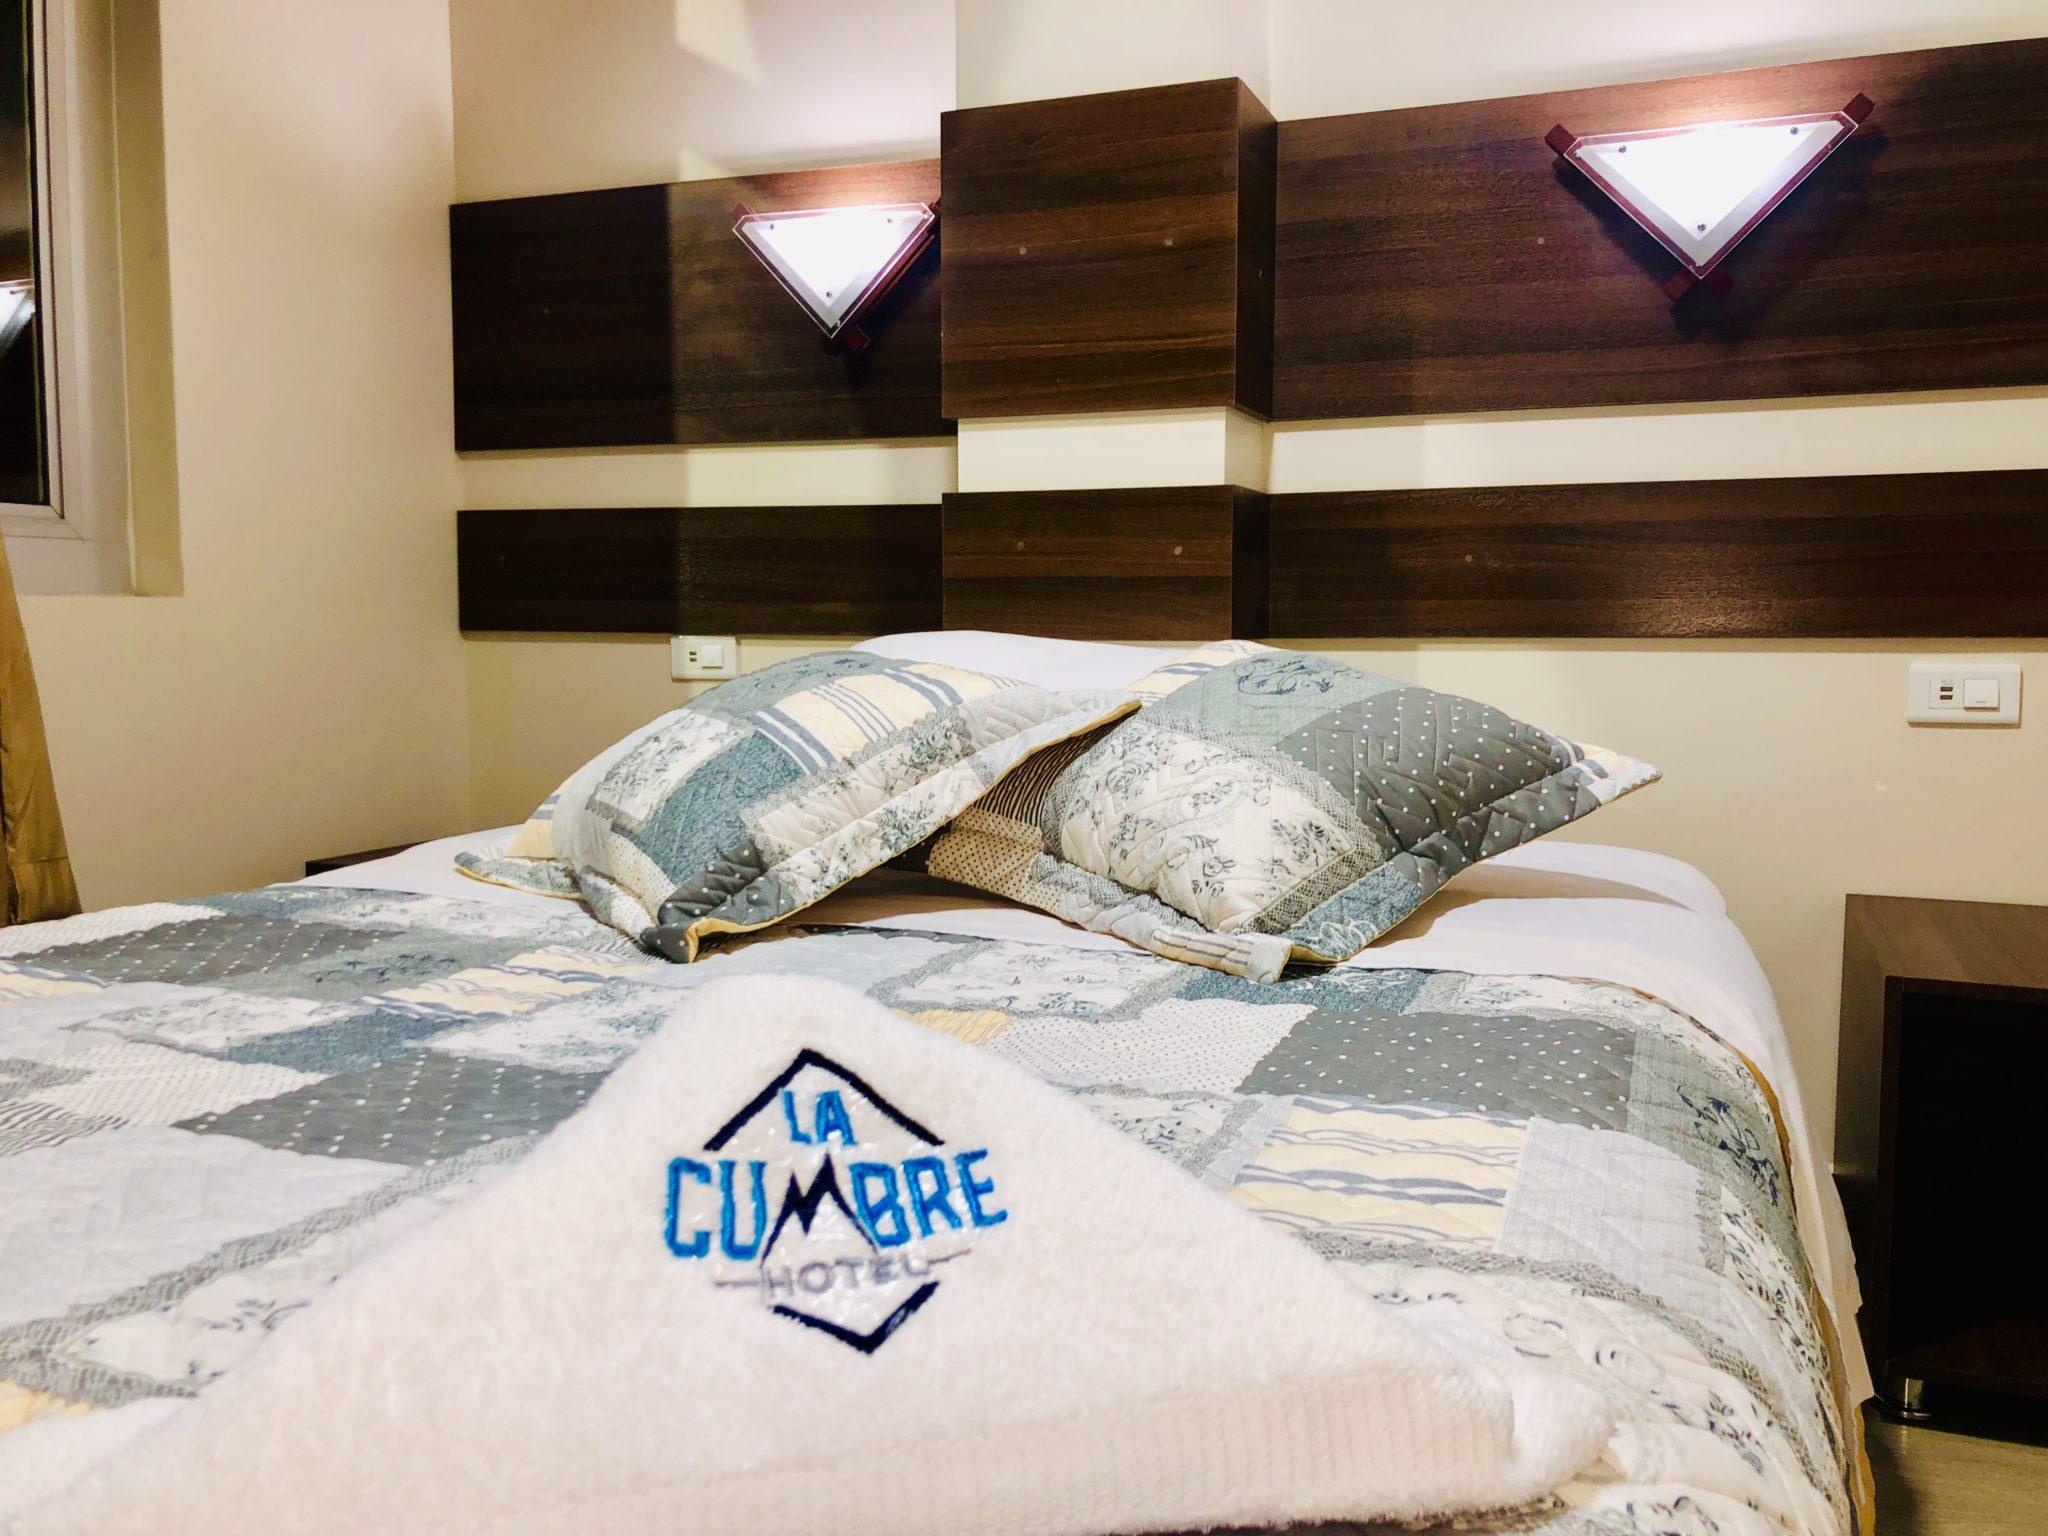 Hotel La Cumbre in Baños: Multi activity accommodation in Ecuador